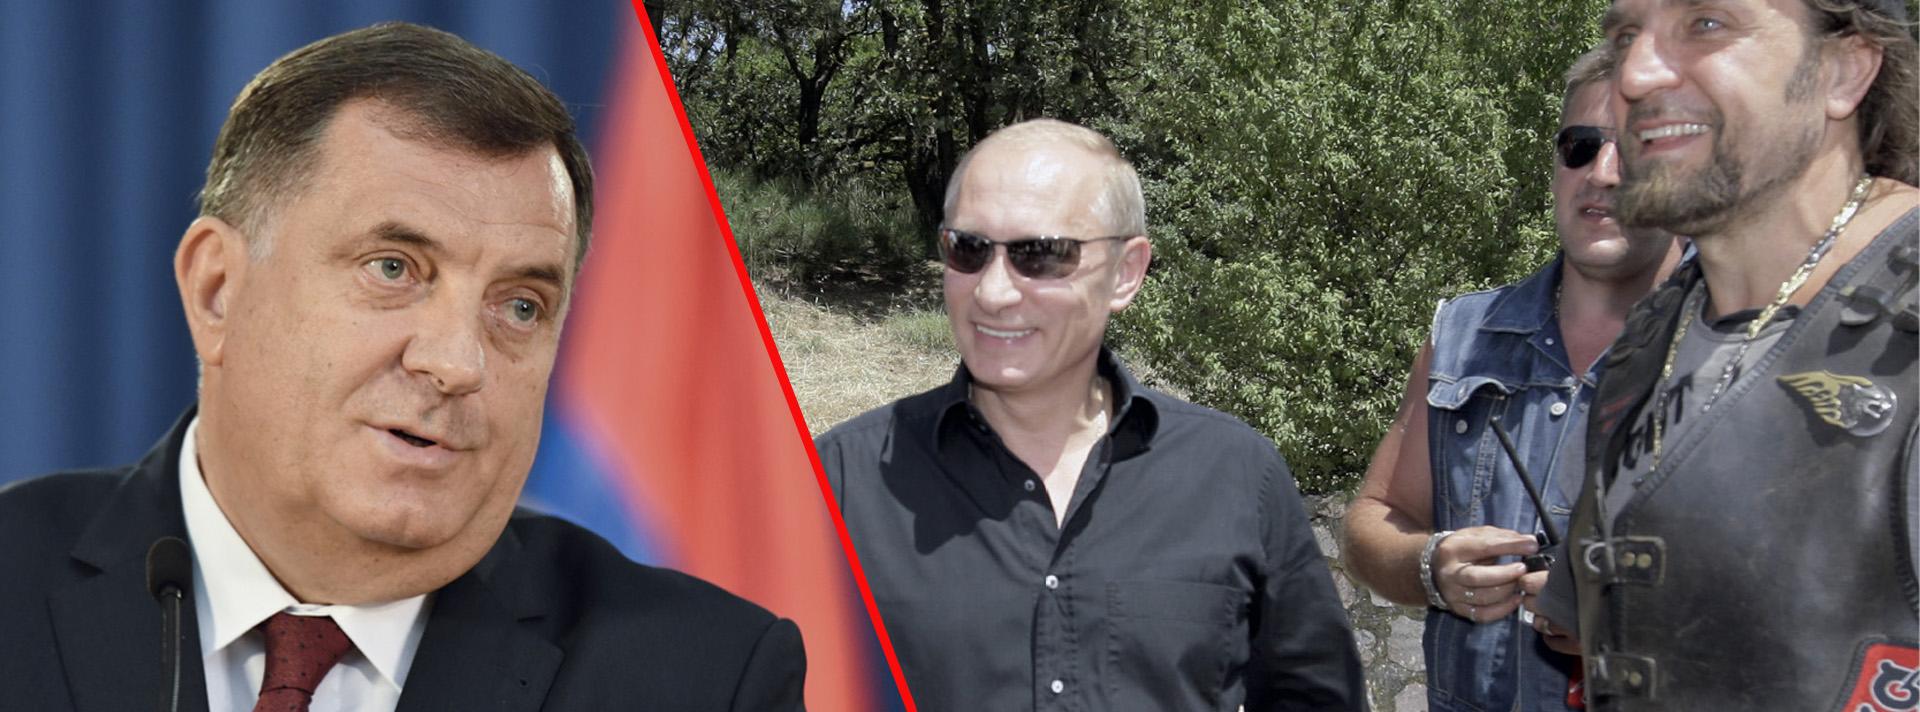 Dodik doveo Putinove militante na granicu s Hrvatskom